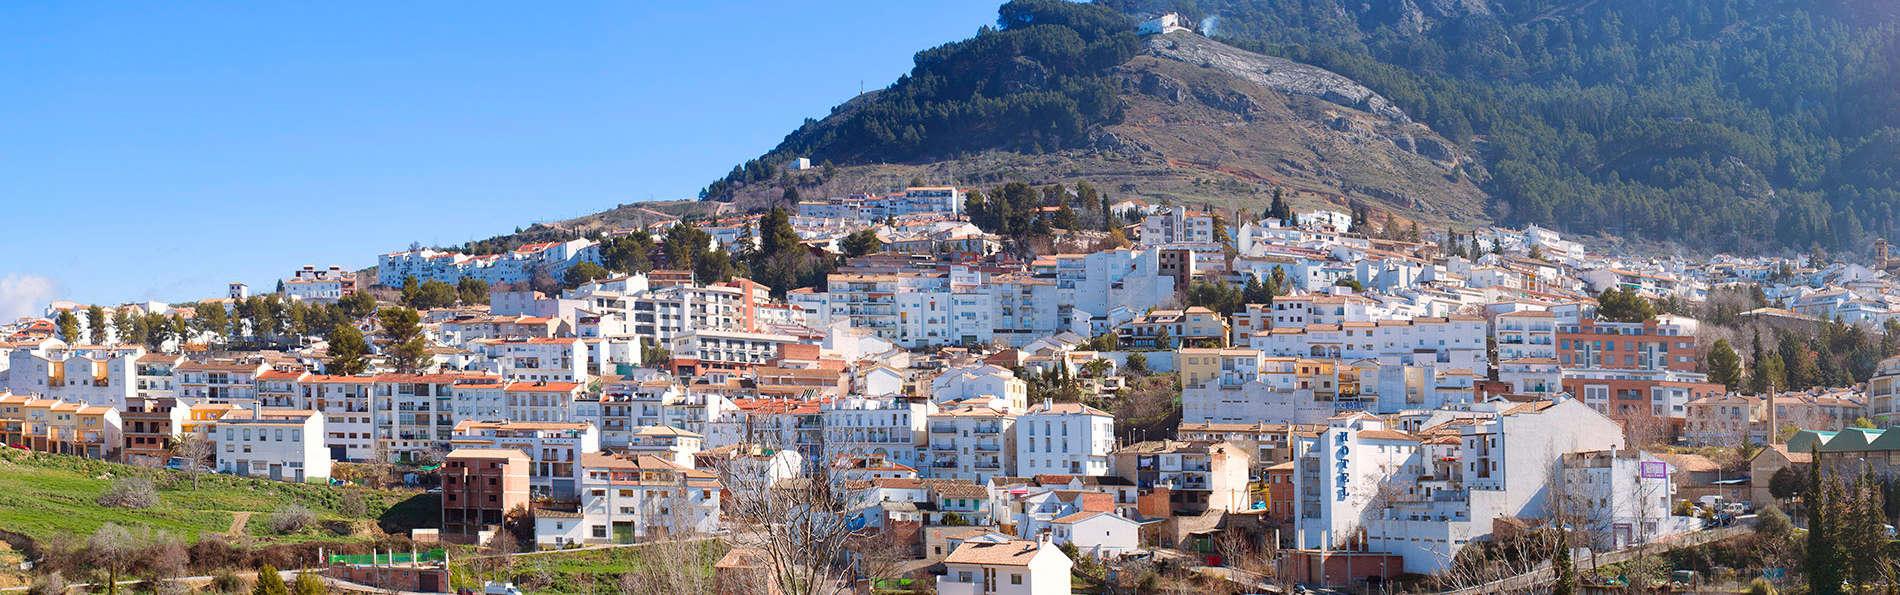 Hotel El Curro - EDIT_Sierra-Cazorla.jpg